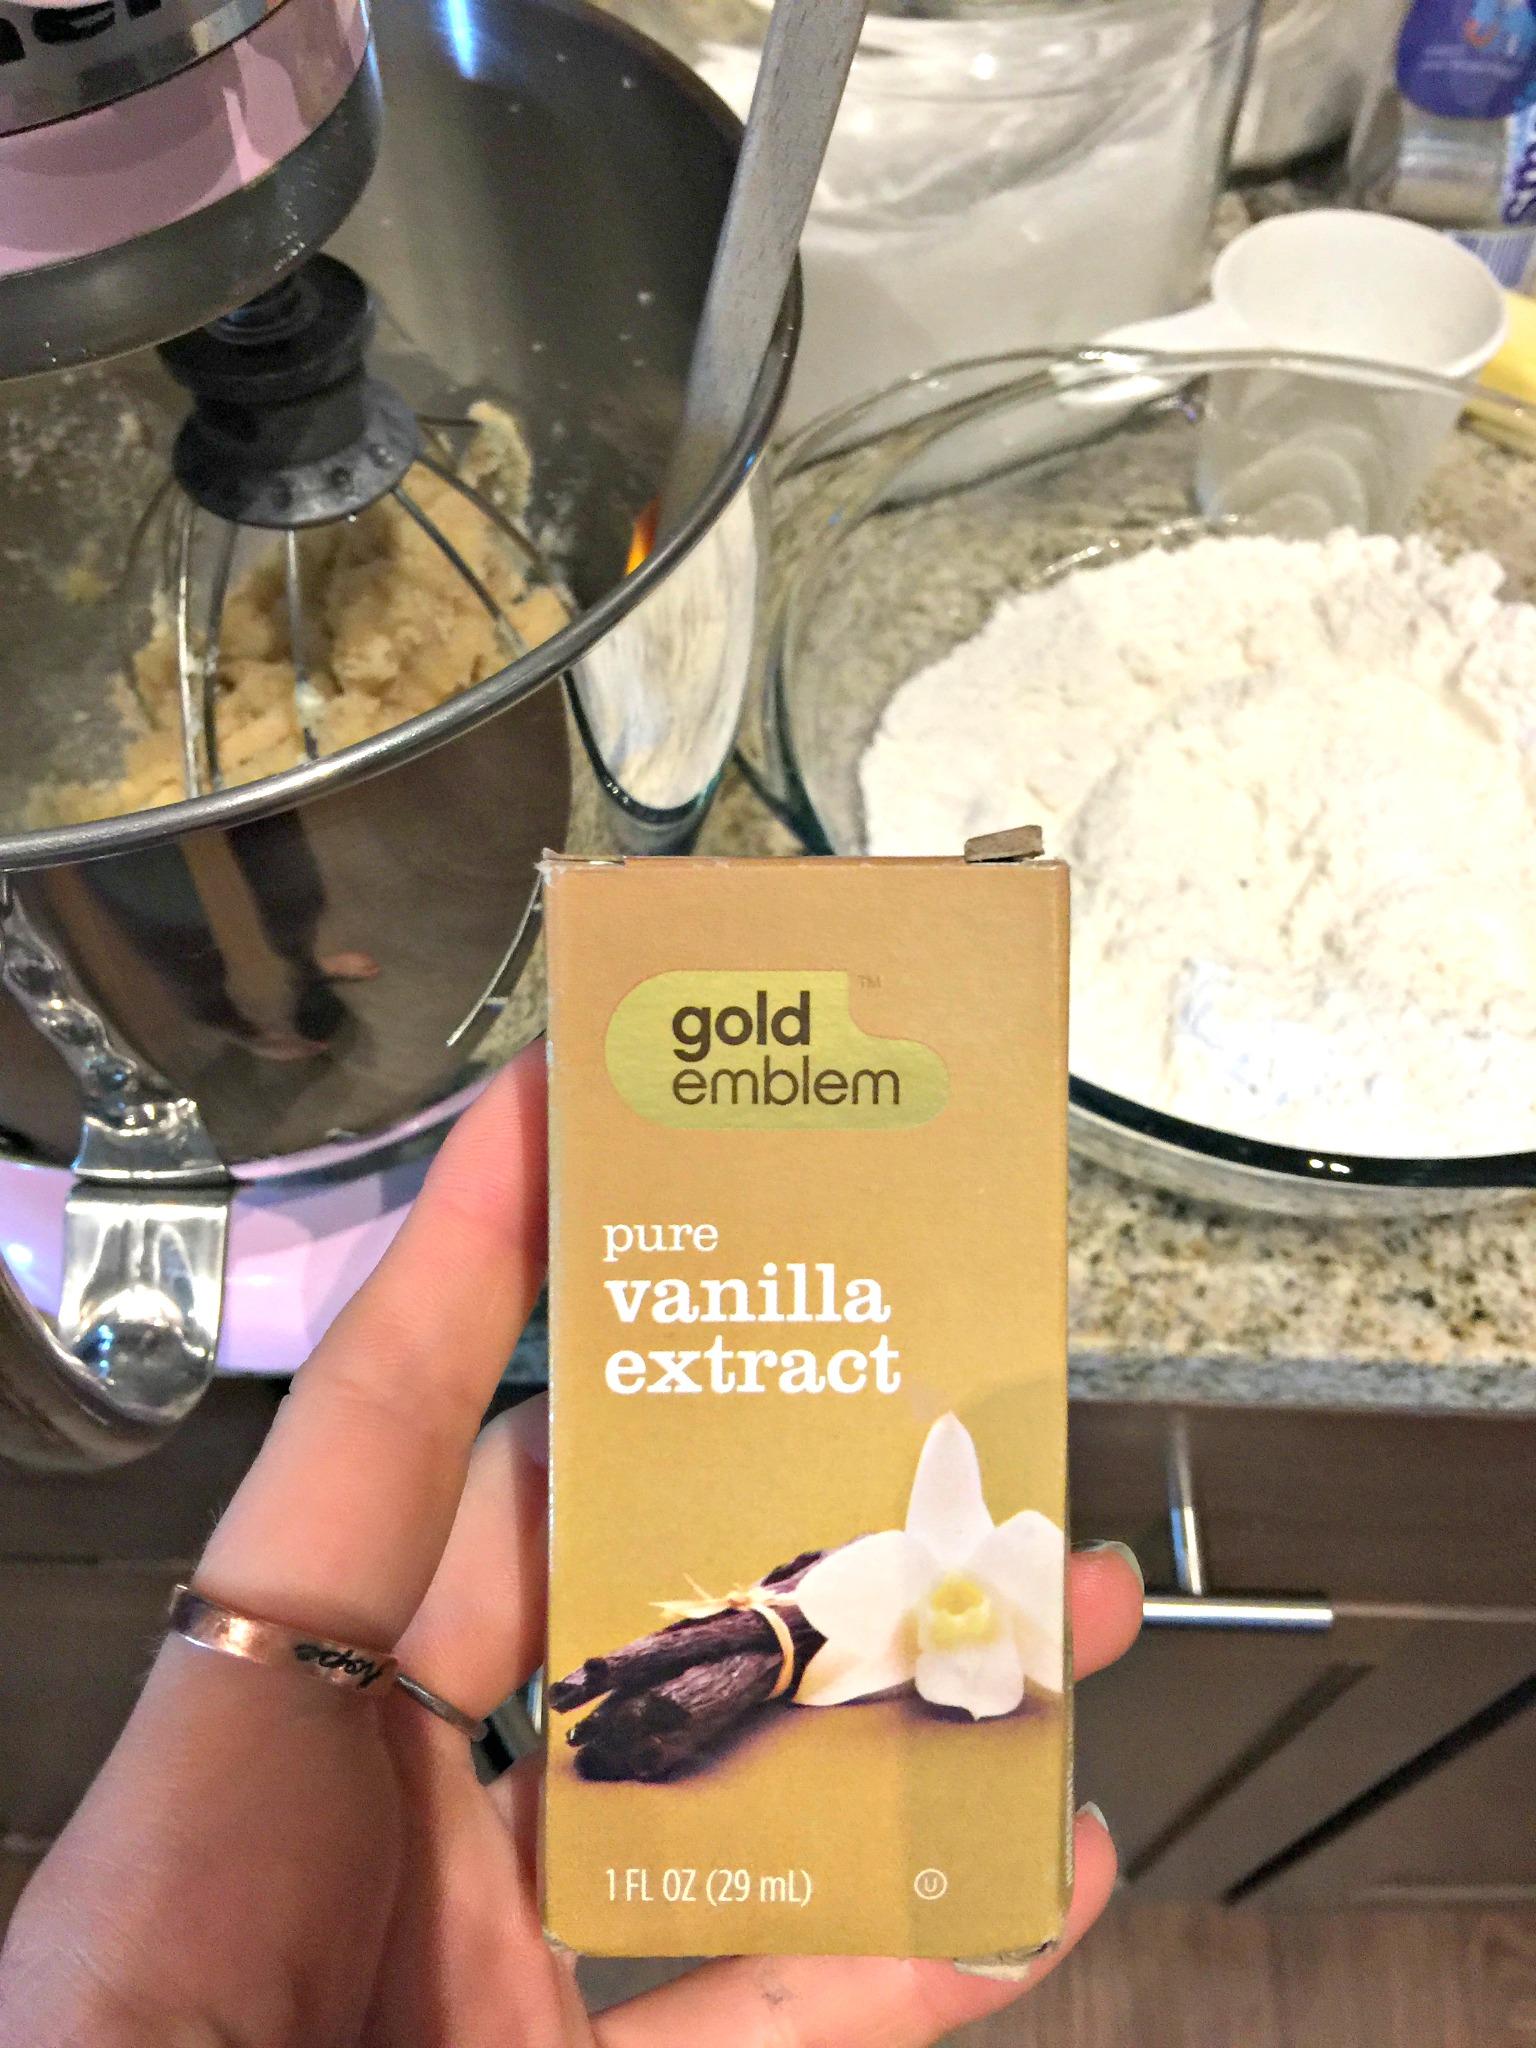 Pure Vanilla Extract: Baking Cookies CVS GOLD EMBLEM